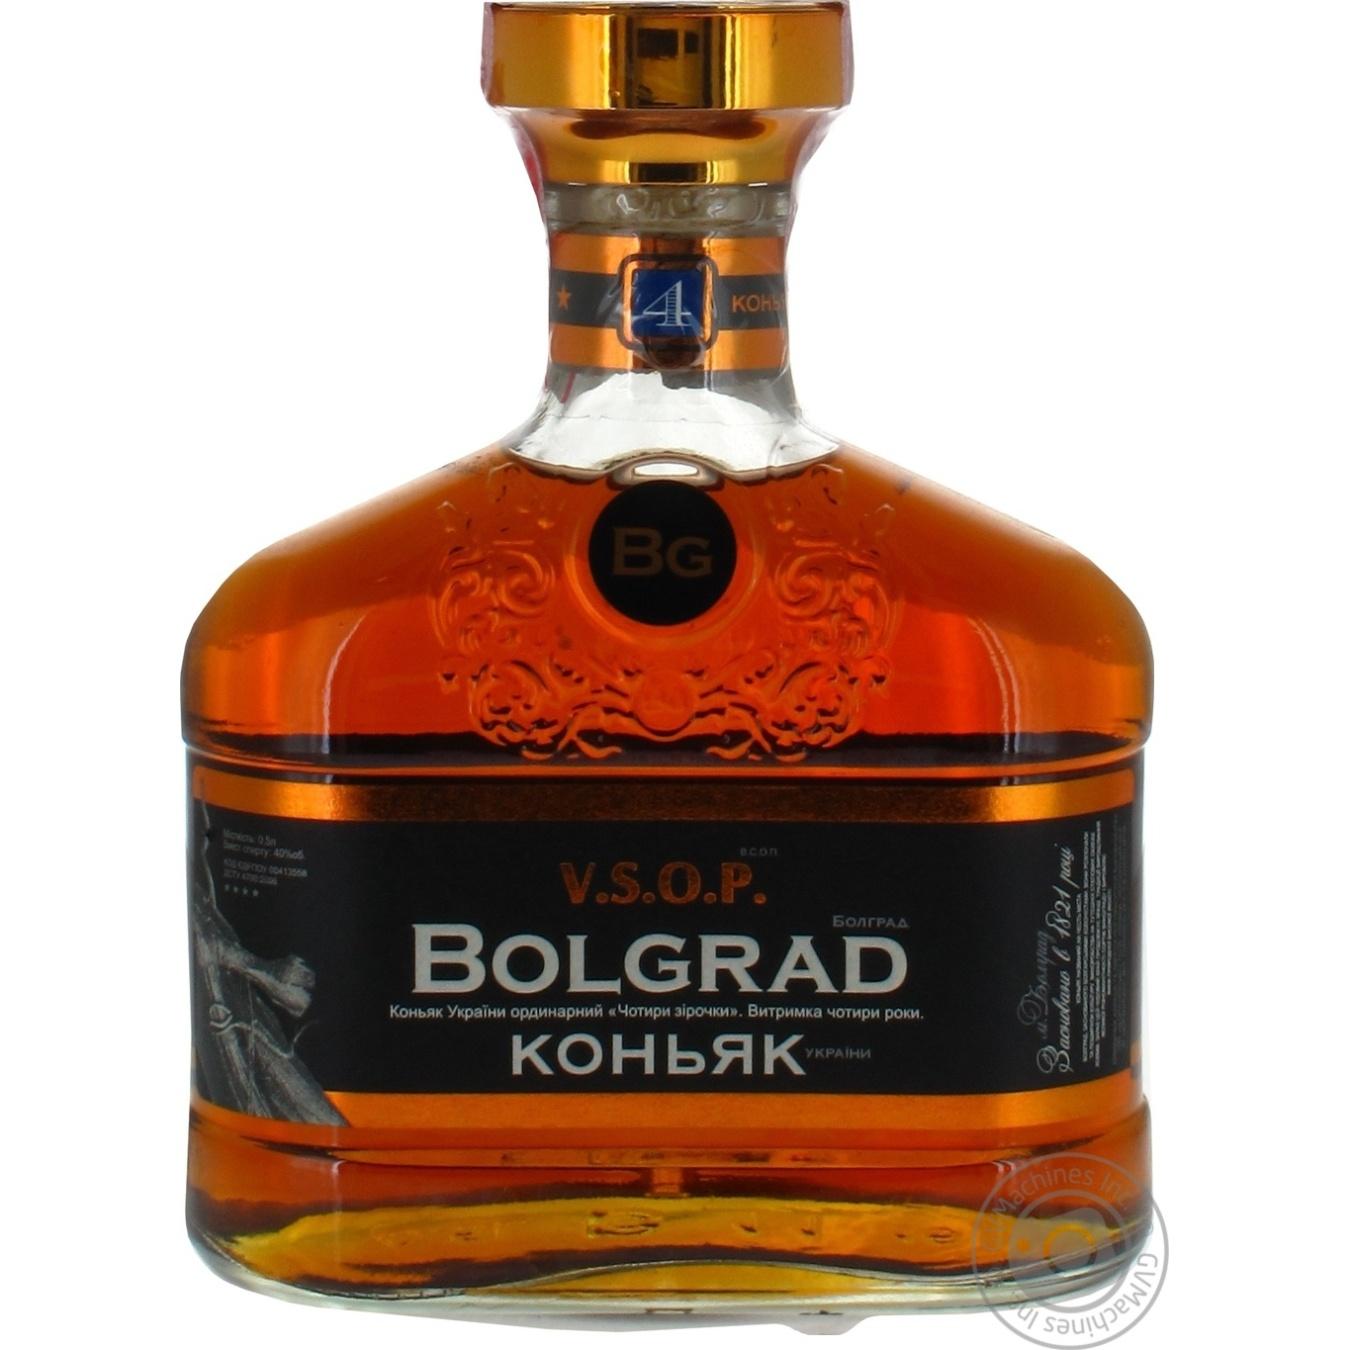 Купить Коньяк Bolgrad 4* 0, 5л